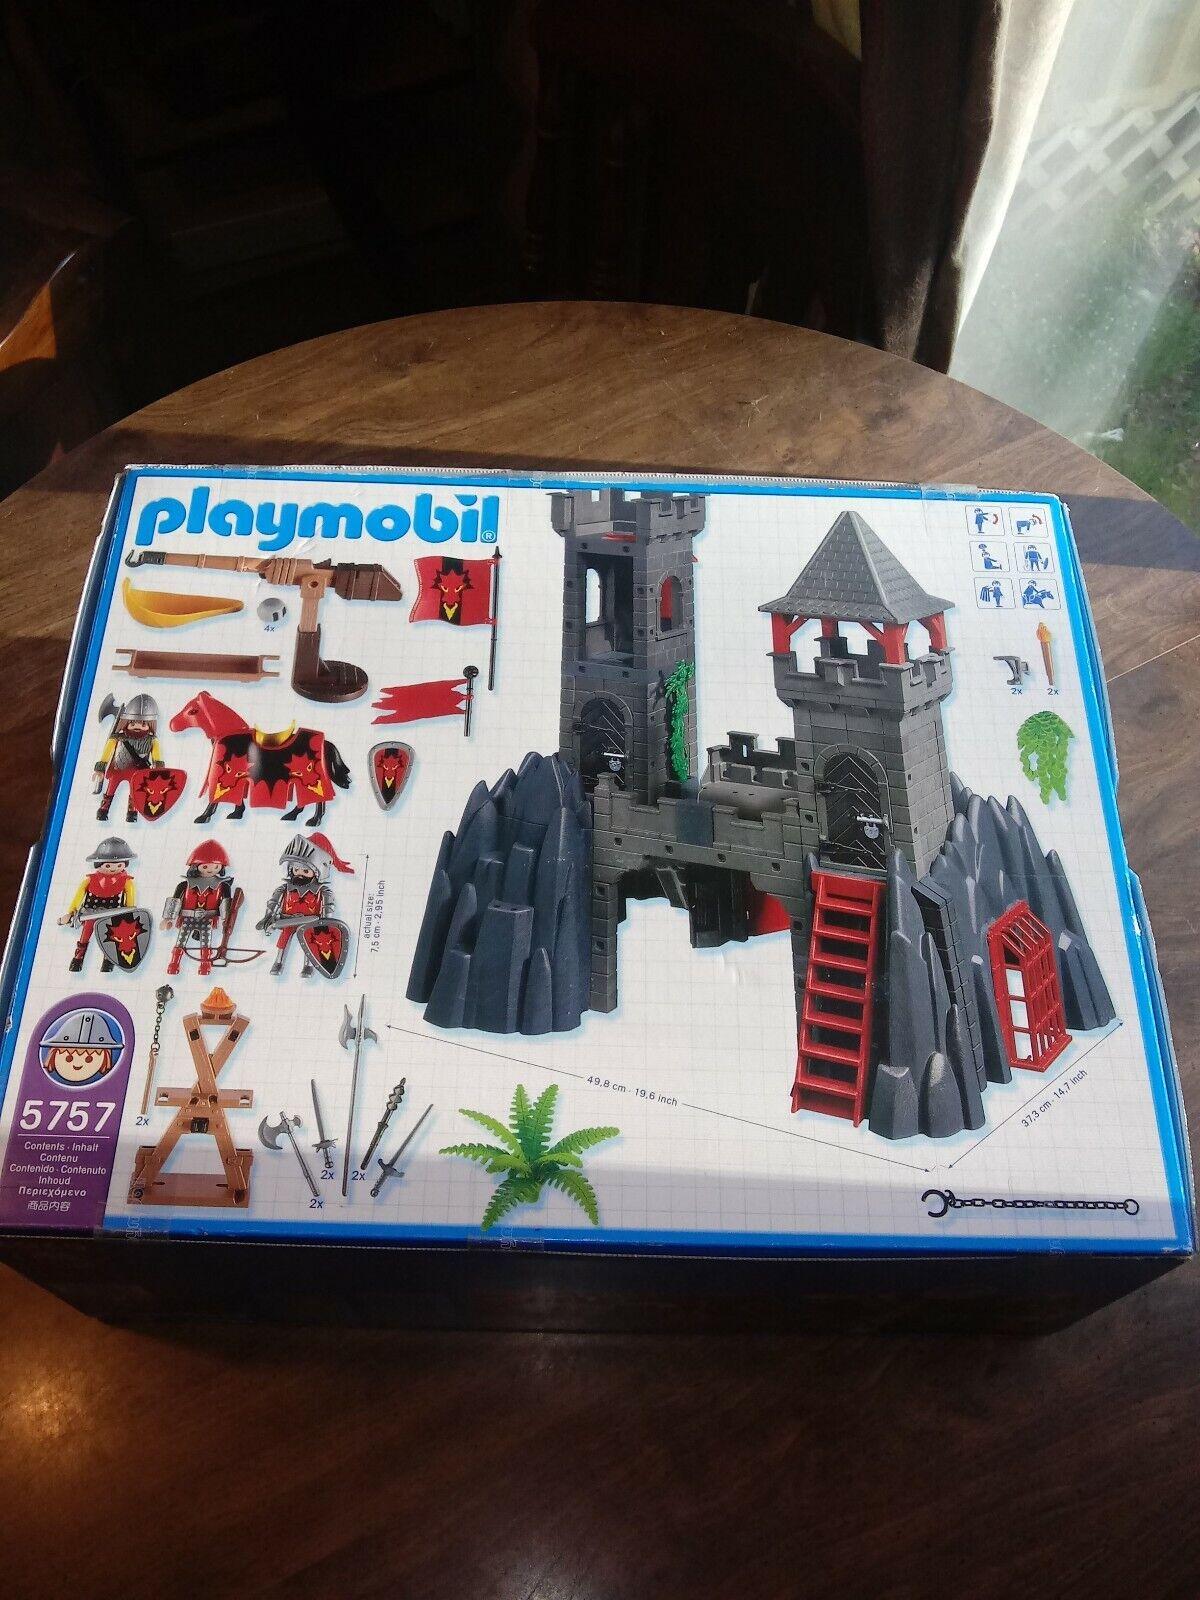 Playmobil\u00ae used knight dwarf Ritter